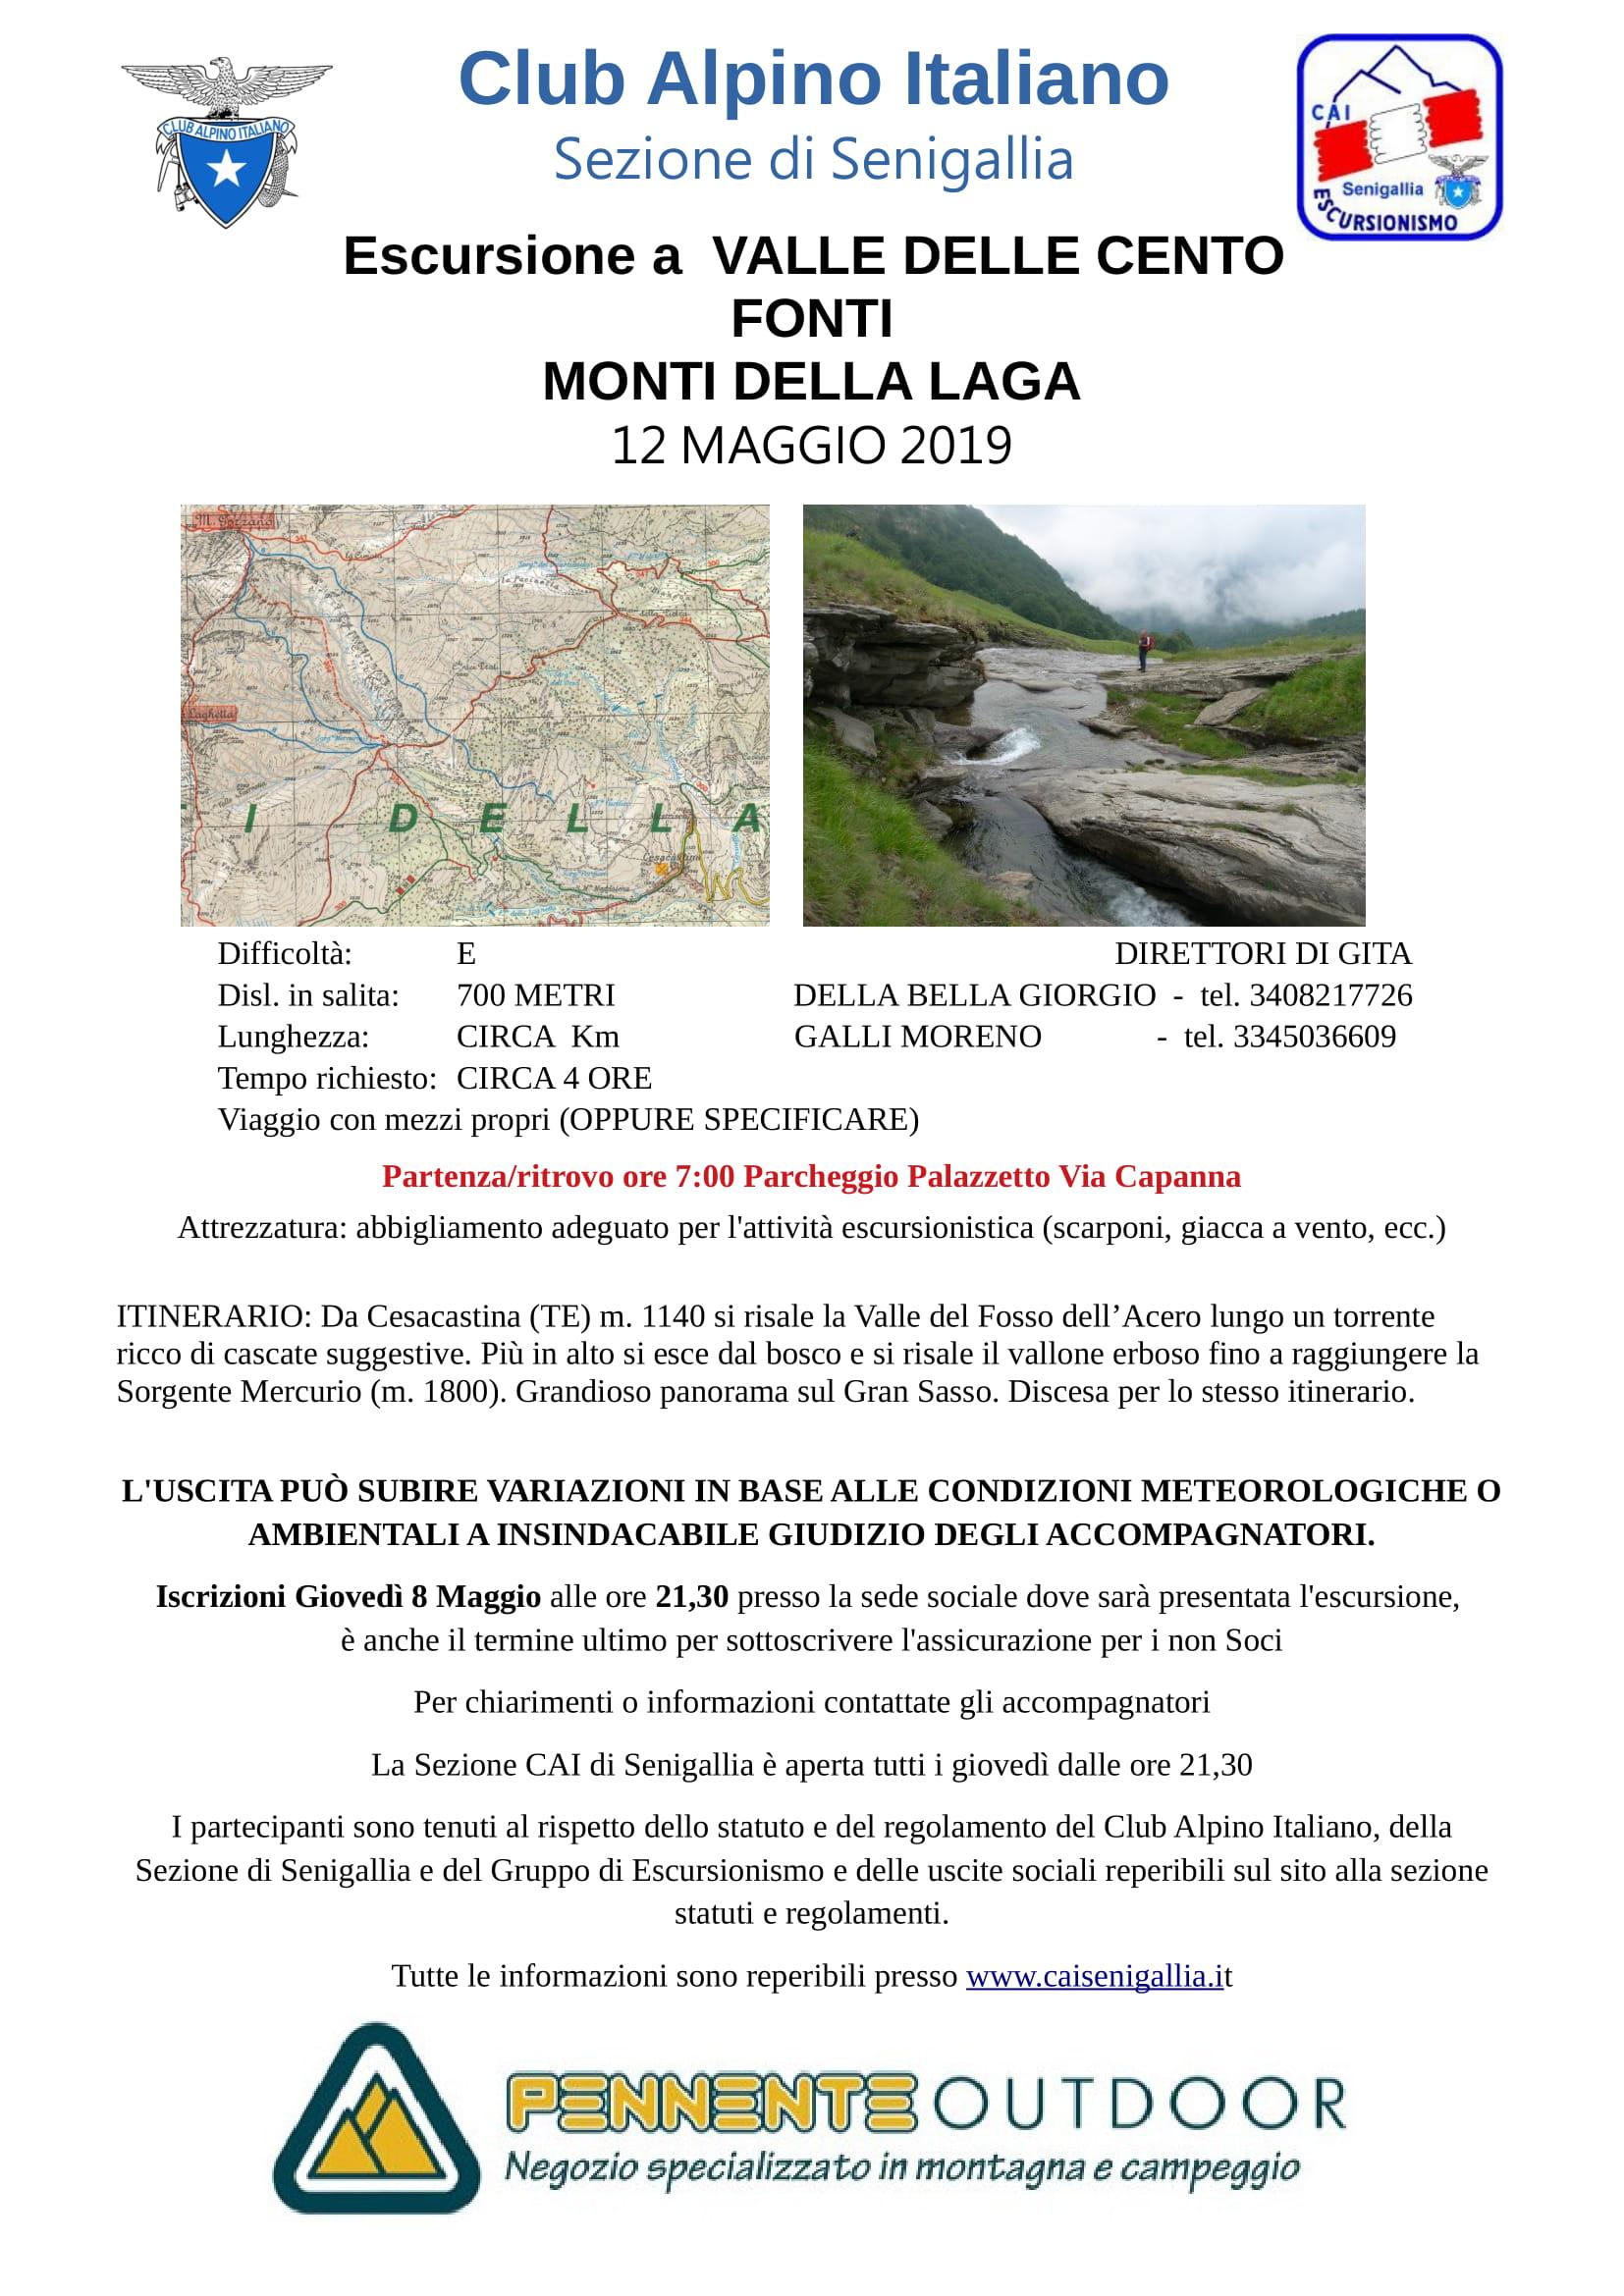 Escursione ai Monti della Laga (Cento Fonti)